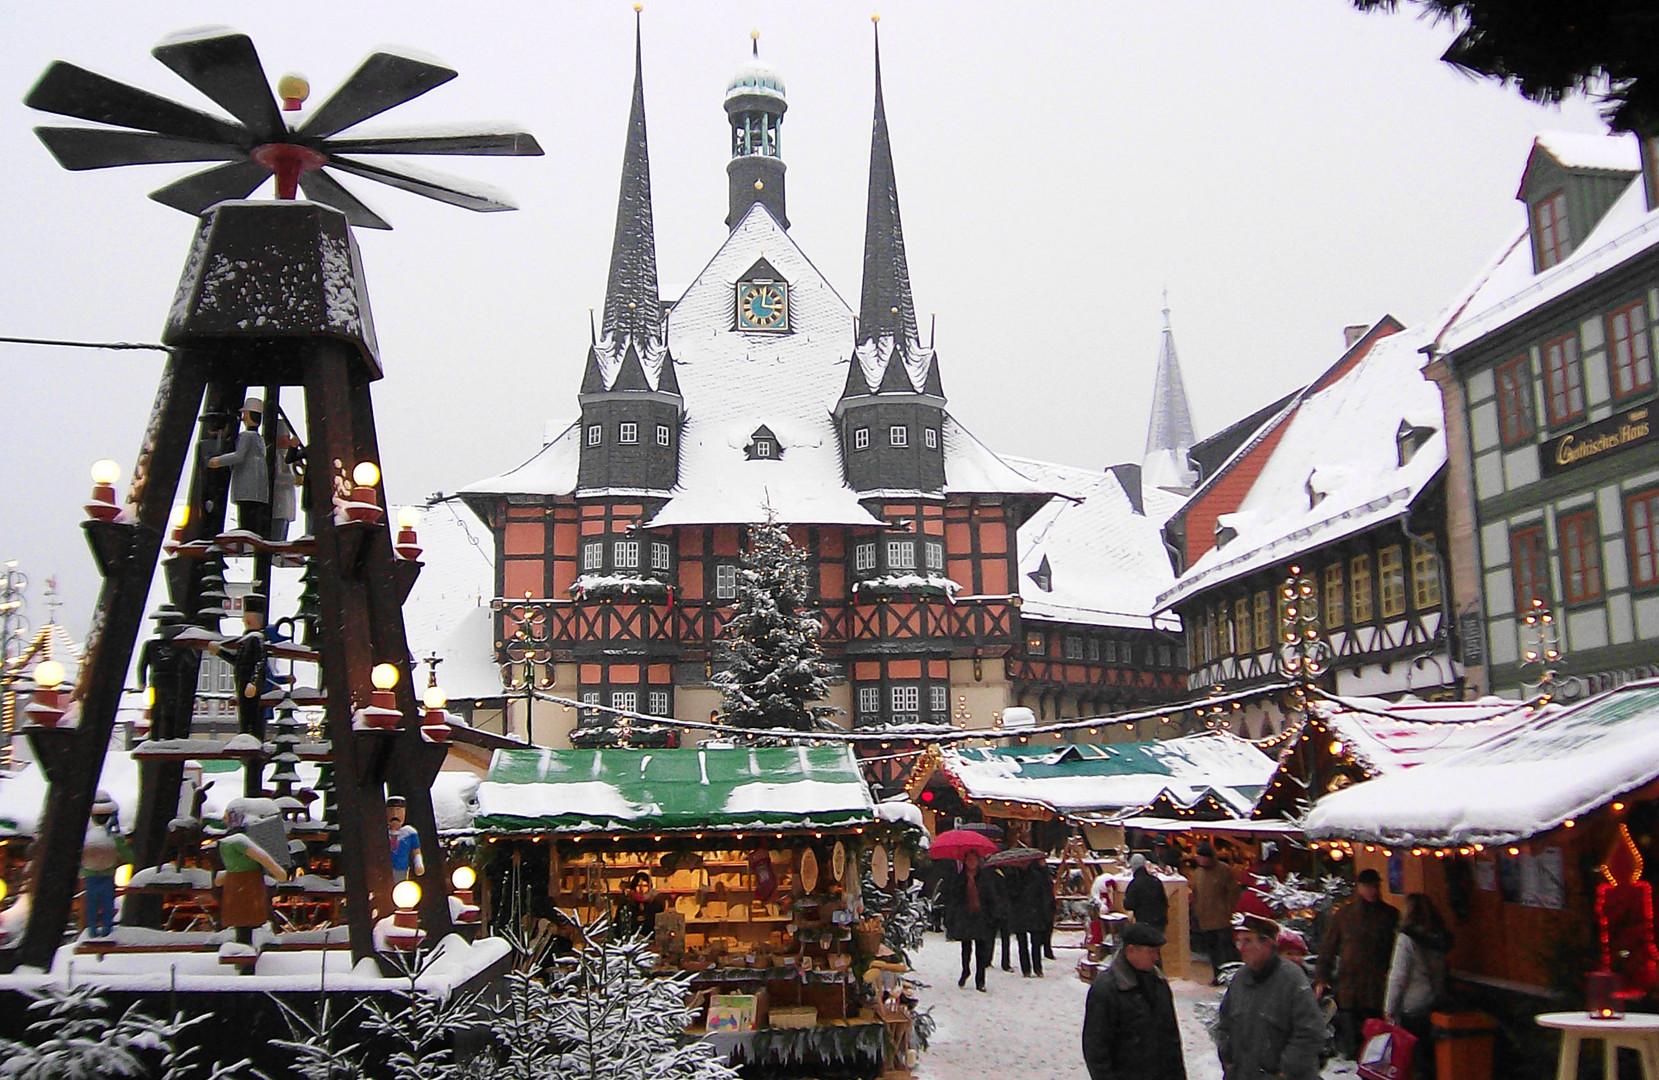 Wernigerode Weihnachtsmarkt.Weihnachtsmarkt In Wernigerode Foto Bild Kunstfotografie